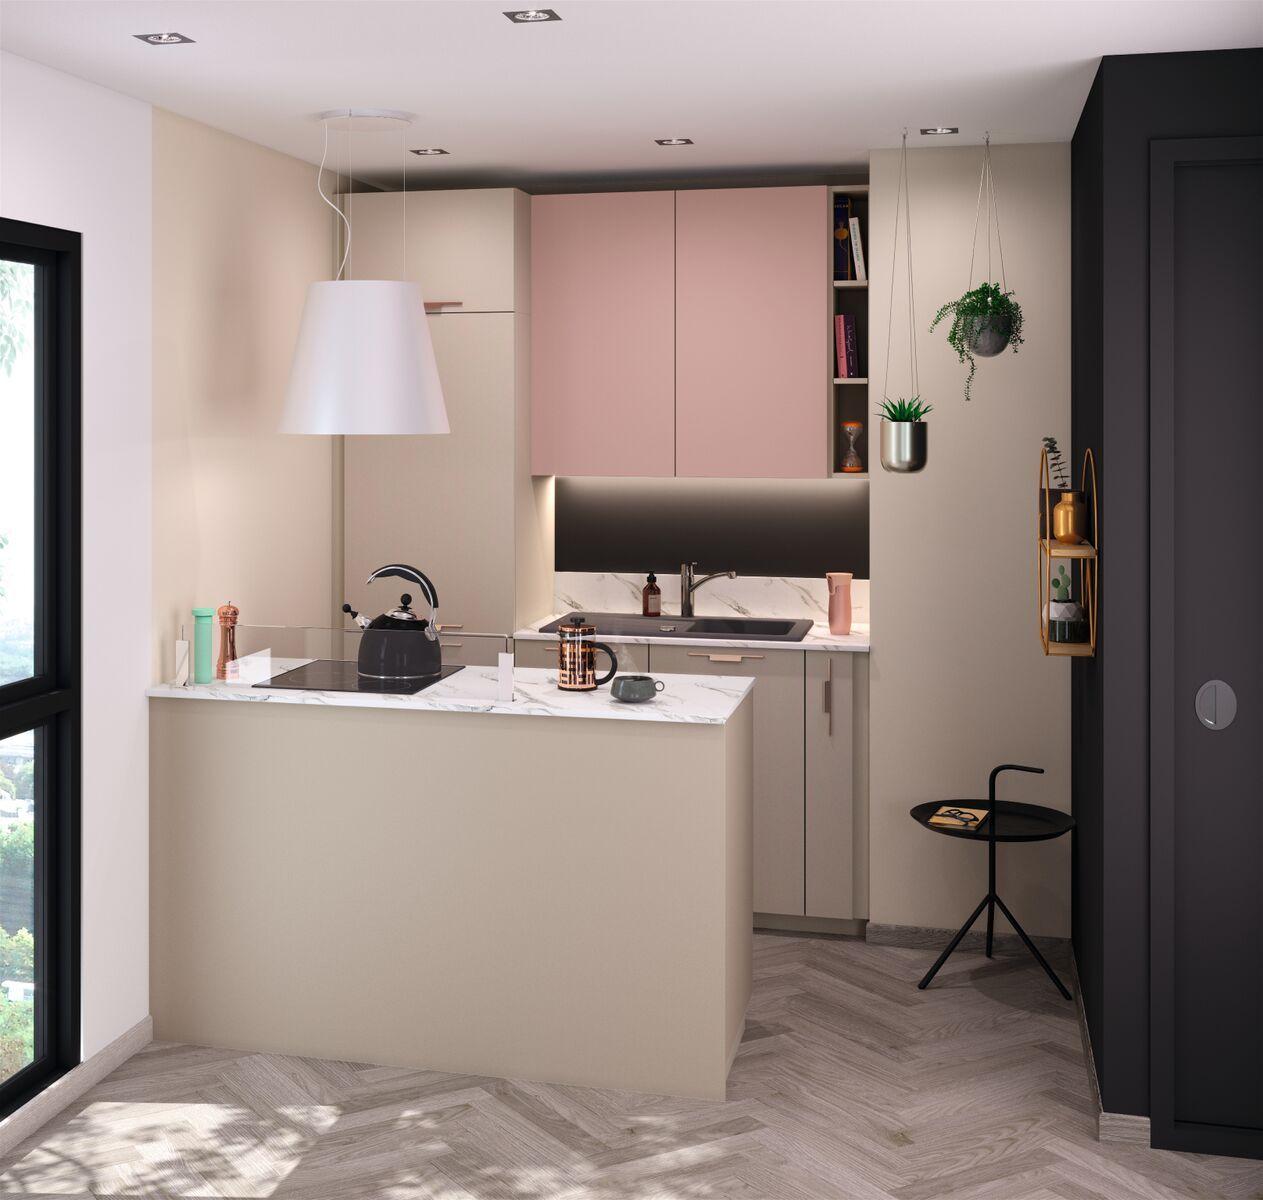 Comment aménager une petite cuisine? 19 exemples de 19m19 à 19m19 en